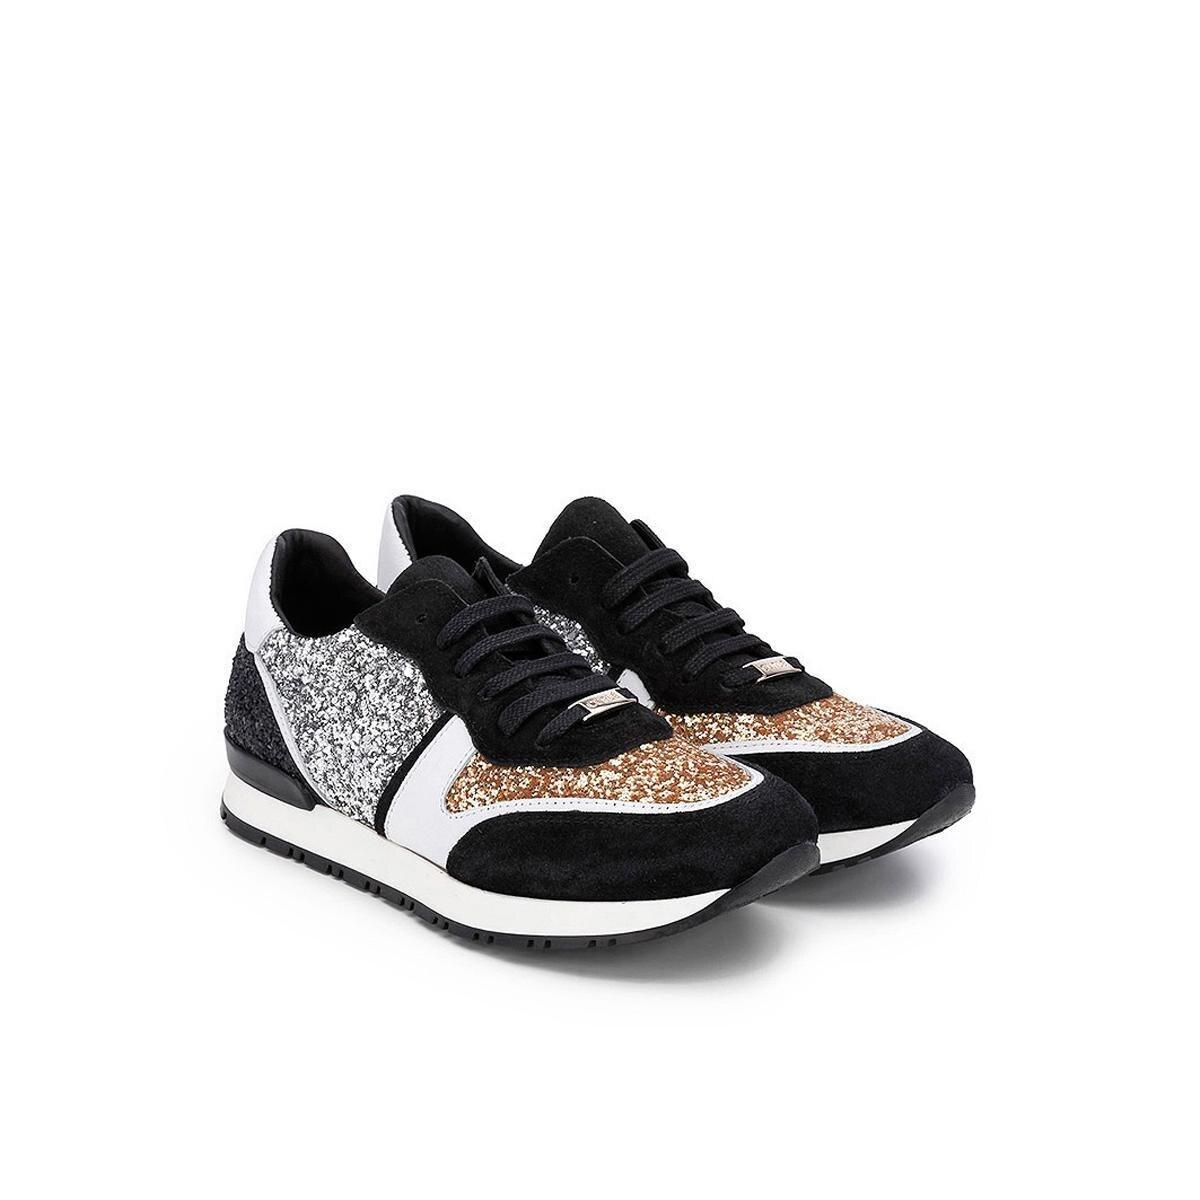 Glitter plata Oro Deportiva Mujer Zapatillas Oro Bajas Textil Cuple XxgwBCqw